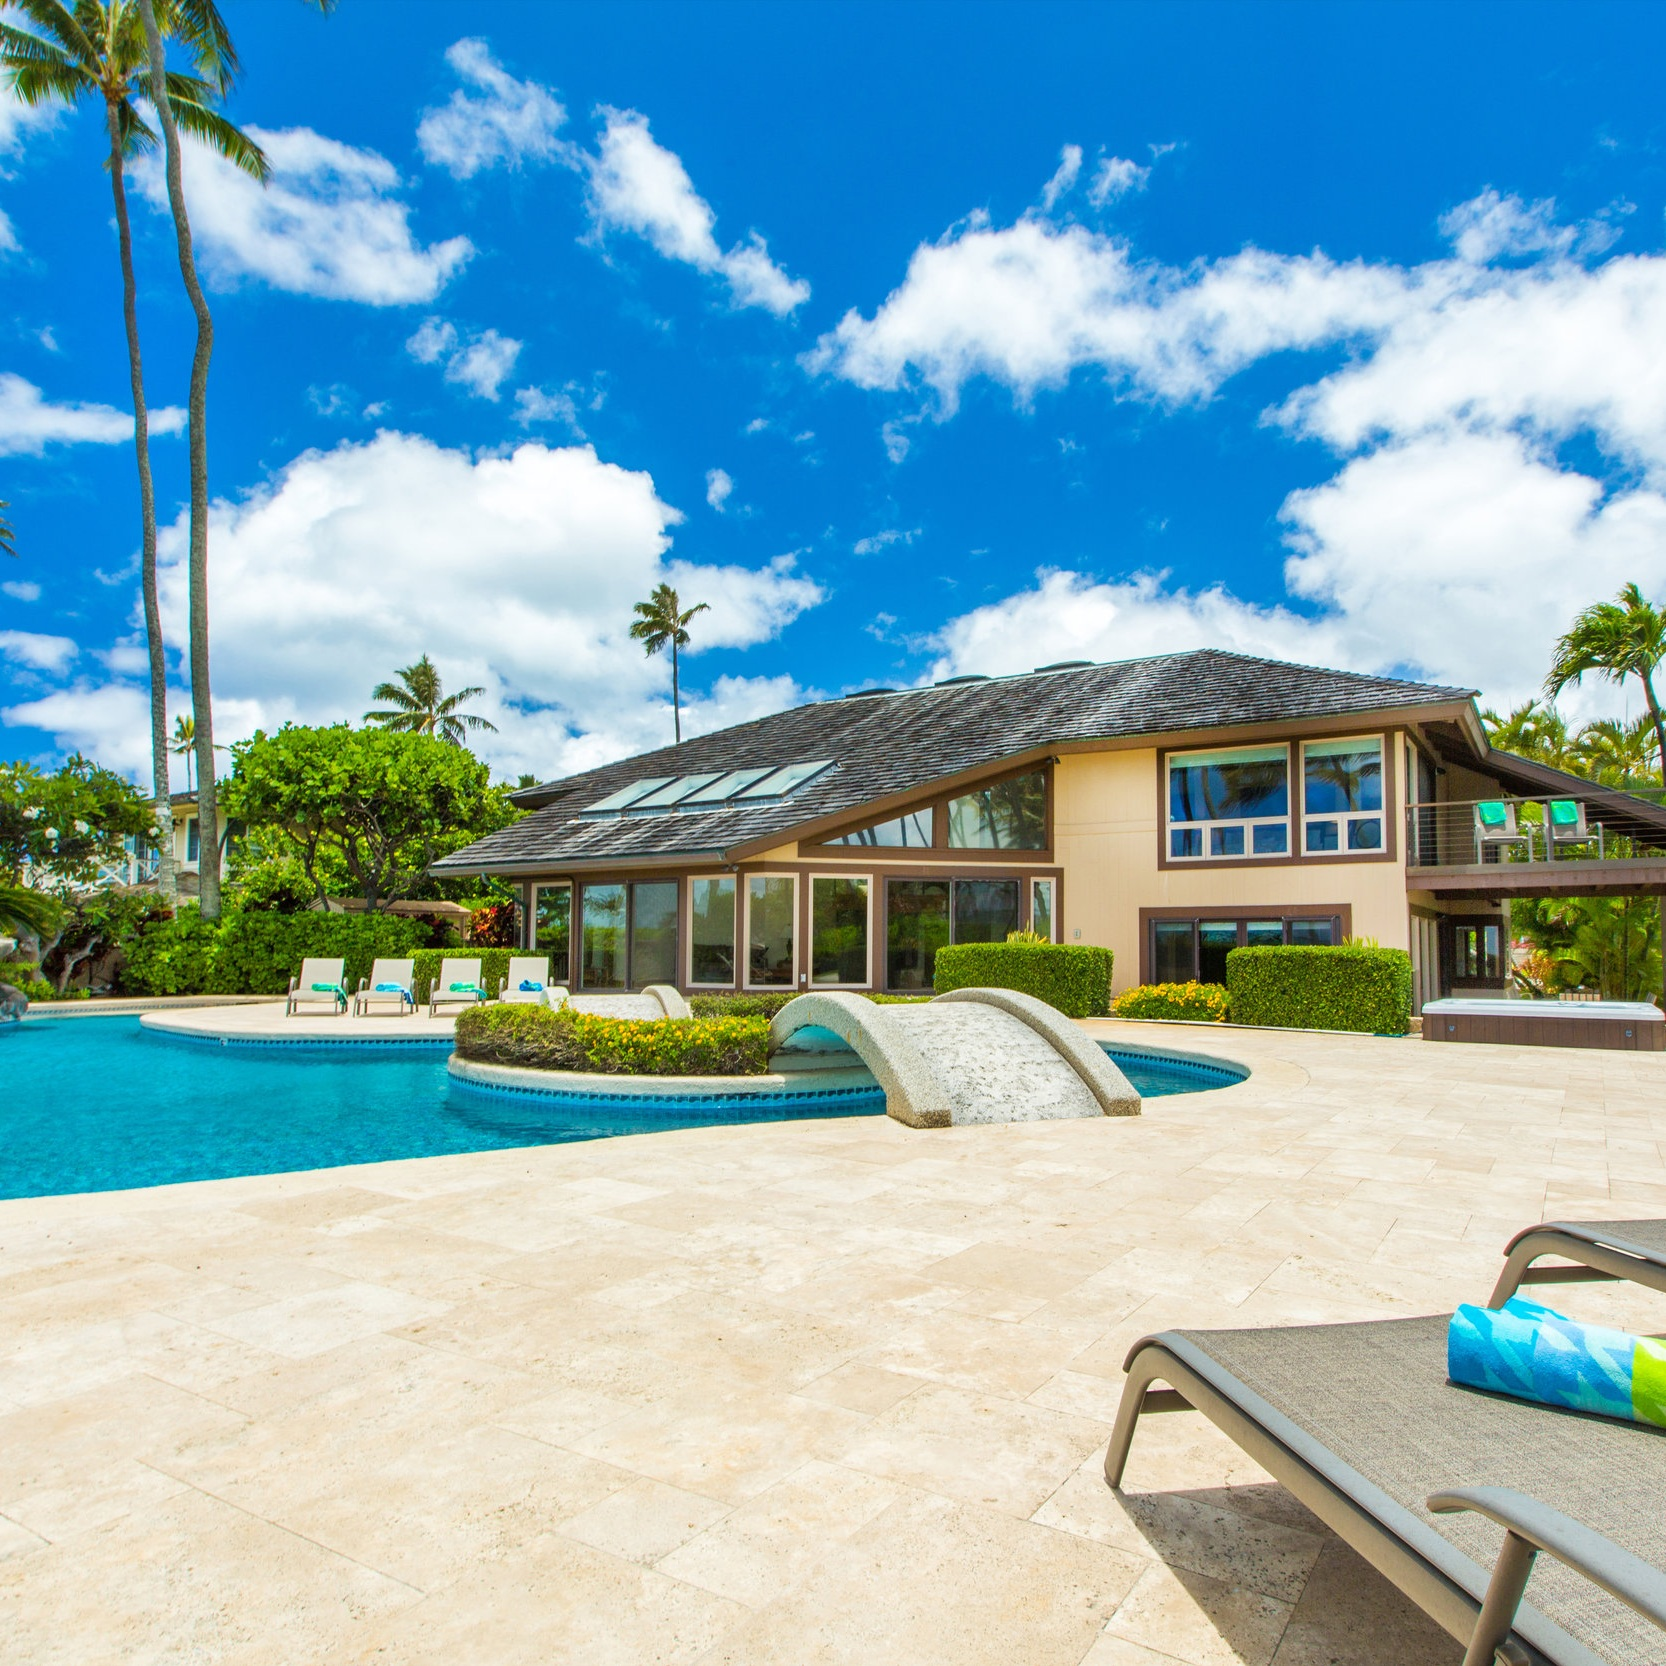 Kahala Mini Resort - Kahala, OahuStarting at $4,000/nightNUC#90/TVU-03767 Bedrooms7.5 Bathrooms